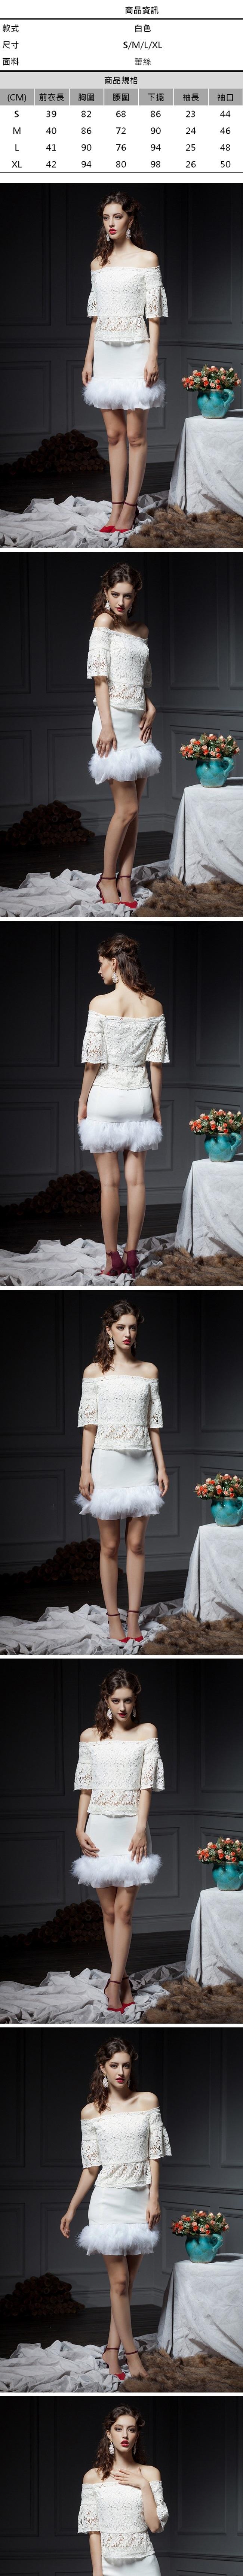 一字領露肩上衣-短版荷葉邊純色時尚女裝